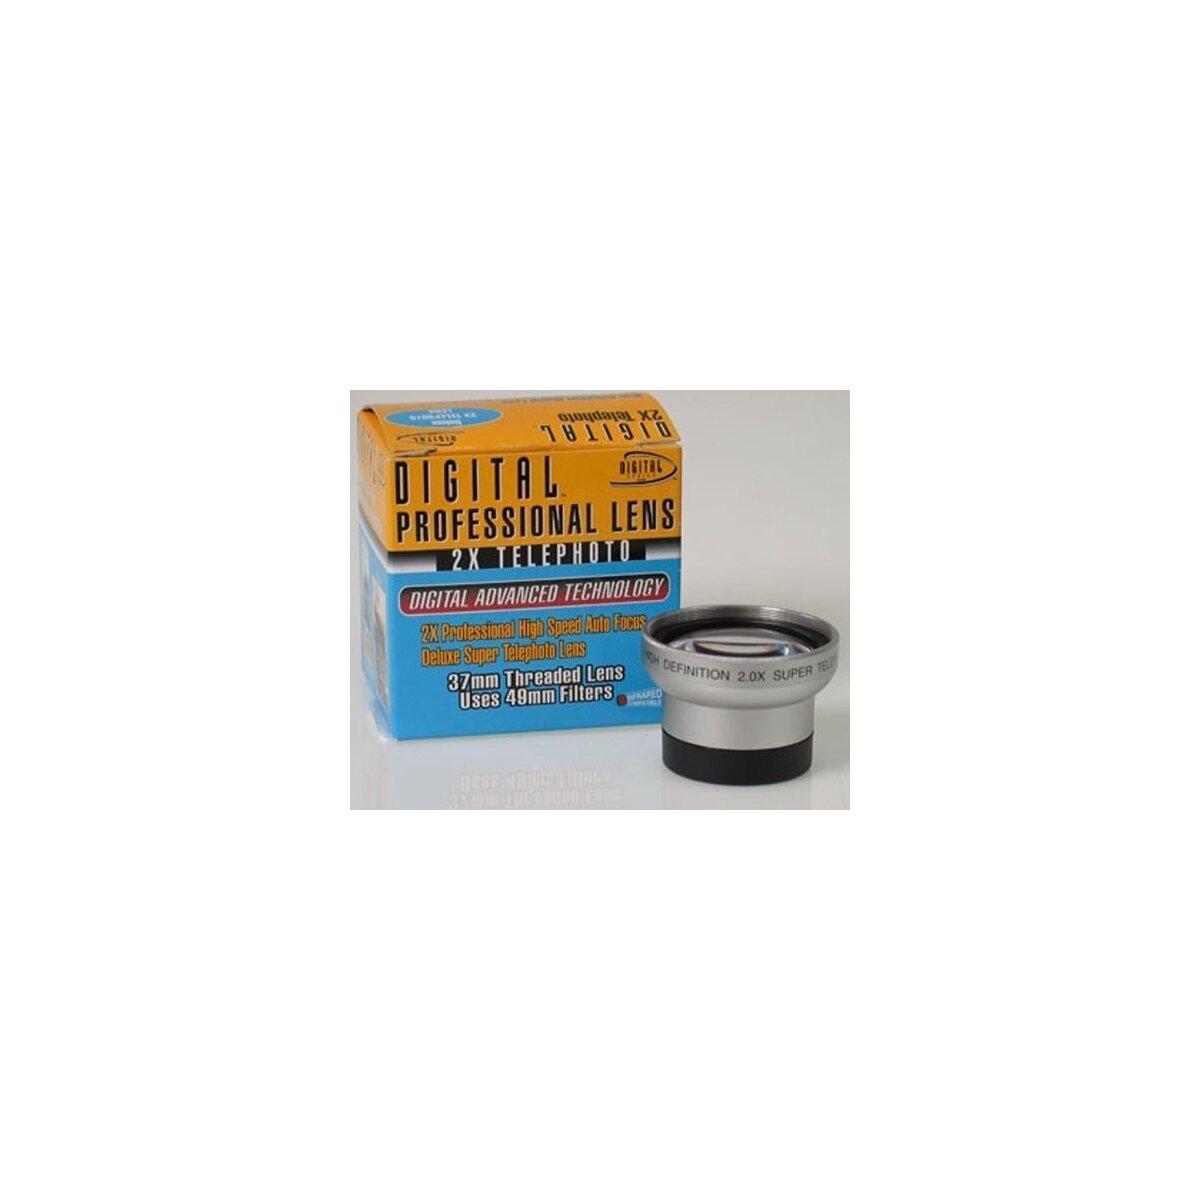 2.0x Telekonverter von Digital Optics fuer Sony DCR-HC16, DCR-HC17, DCR-HC18, DCR-HC19, DCR-HC20, DCR-HC22, DCR-HC23 usw